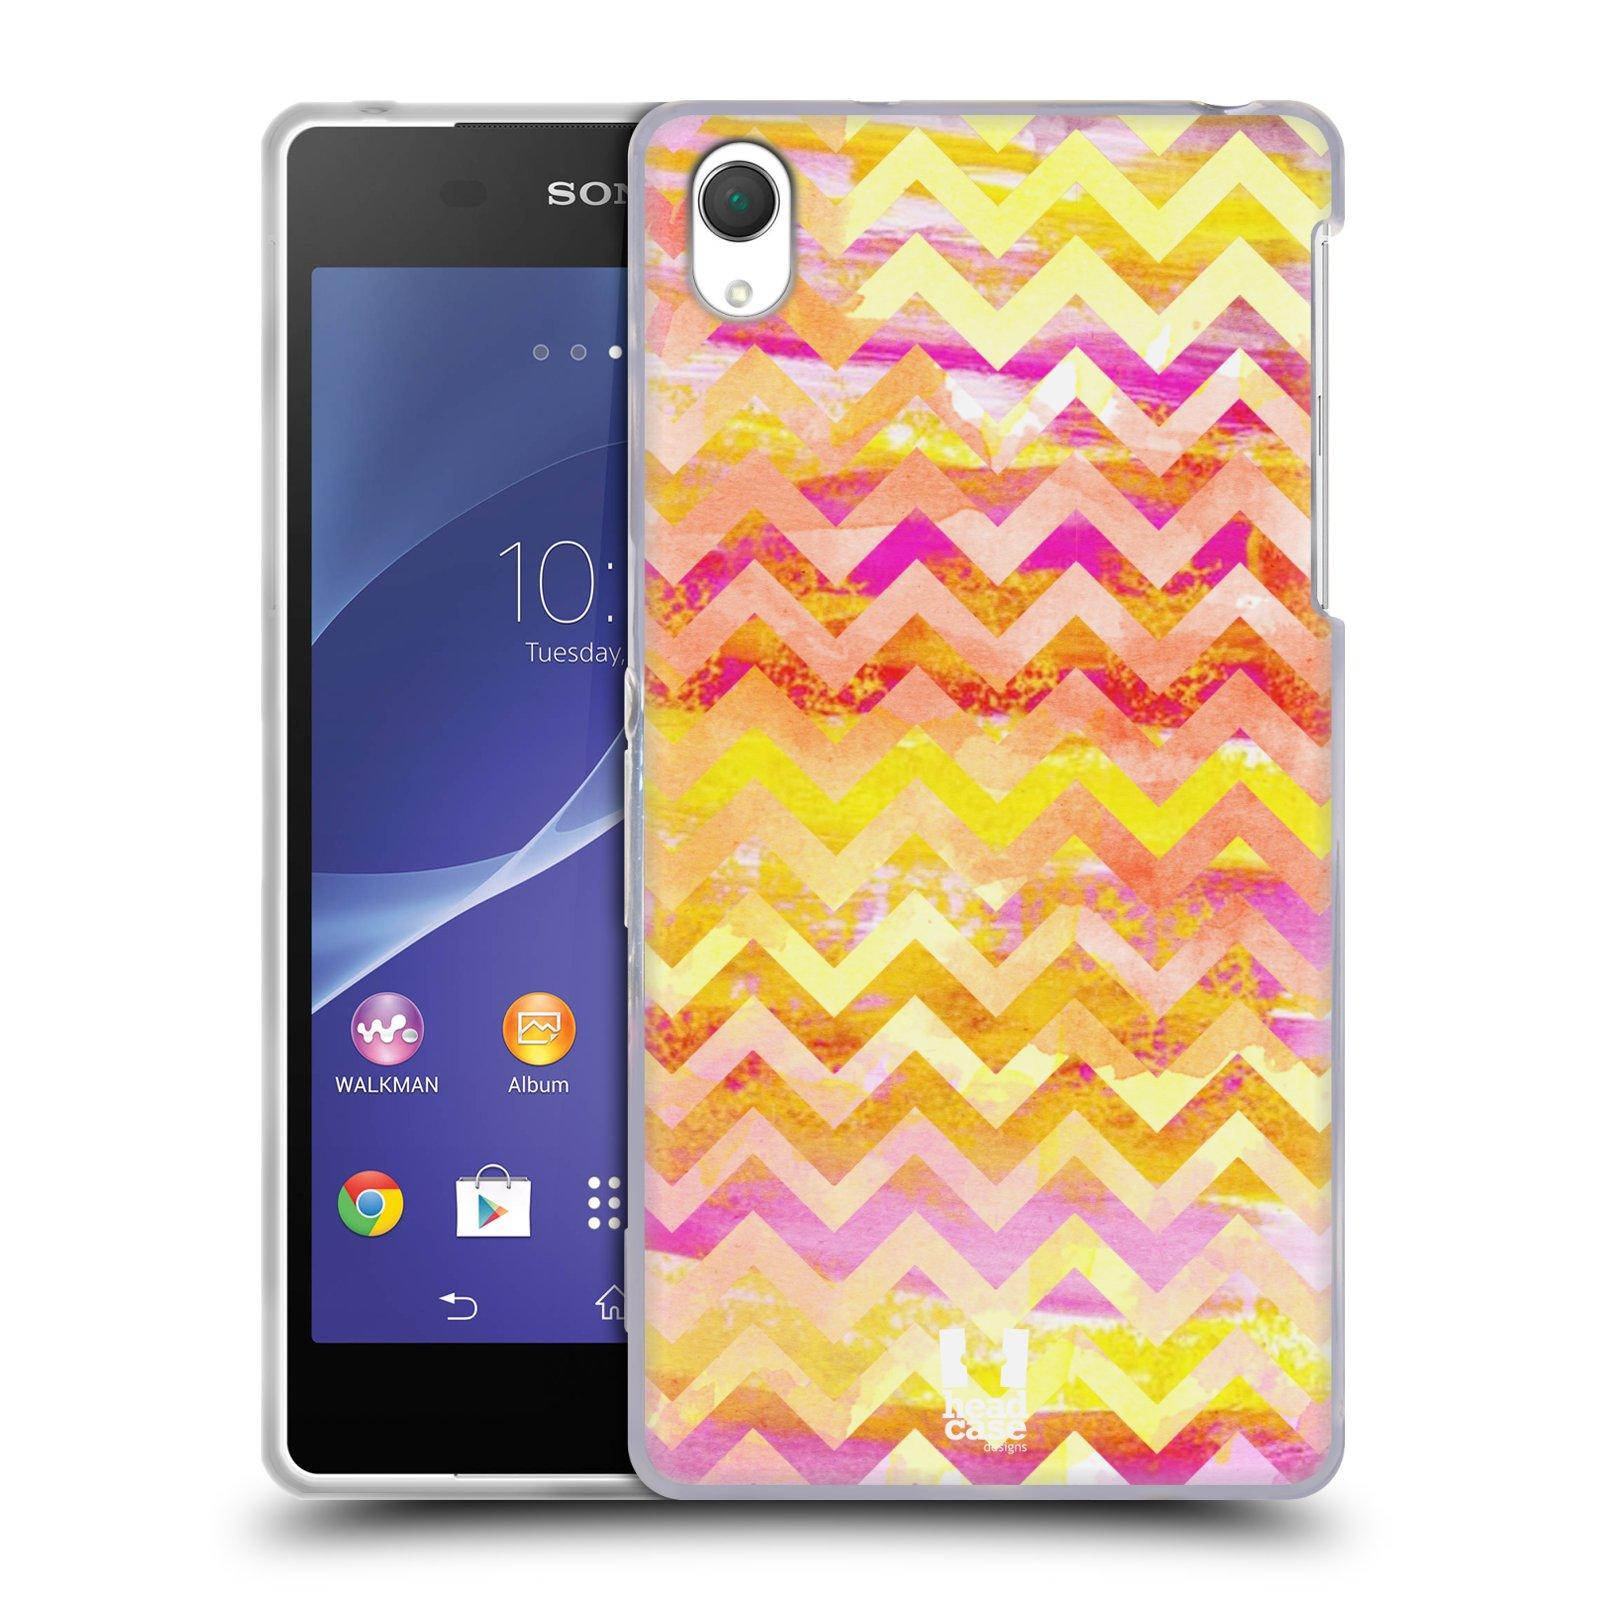 Silikonové pouzdro na mobil Sony Xperia Z2 D6503 HEAD CASE Yellow Chevron (Silikonový kryt či obal na mobilní telefon Sony Xperia Z2)